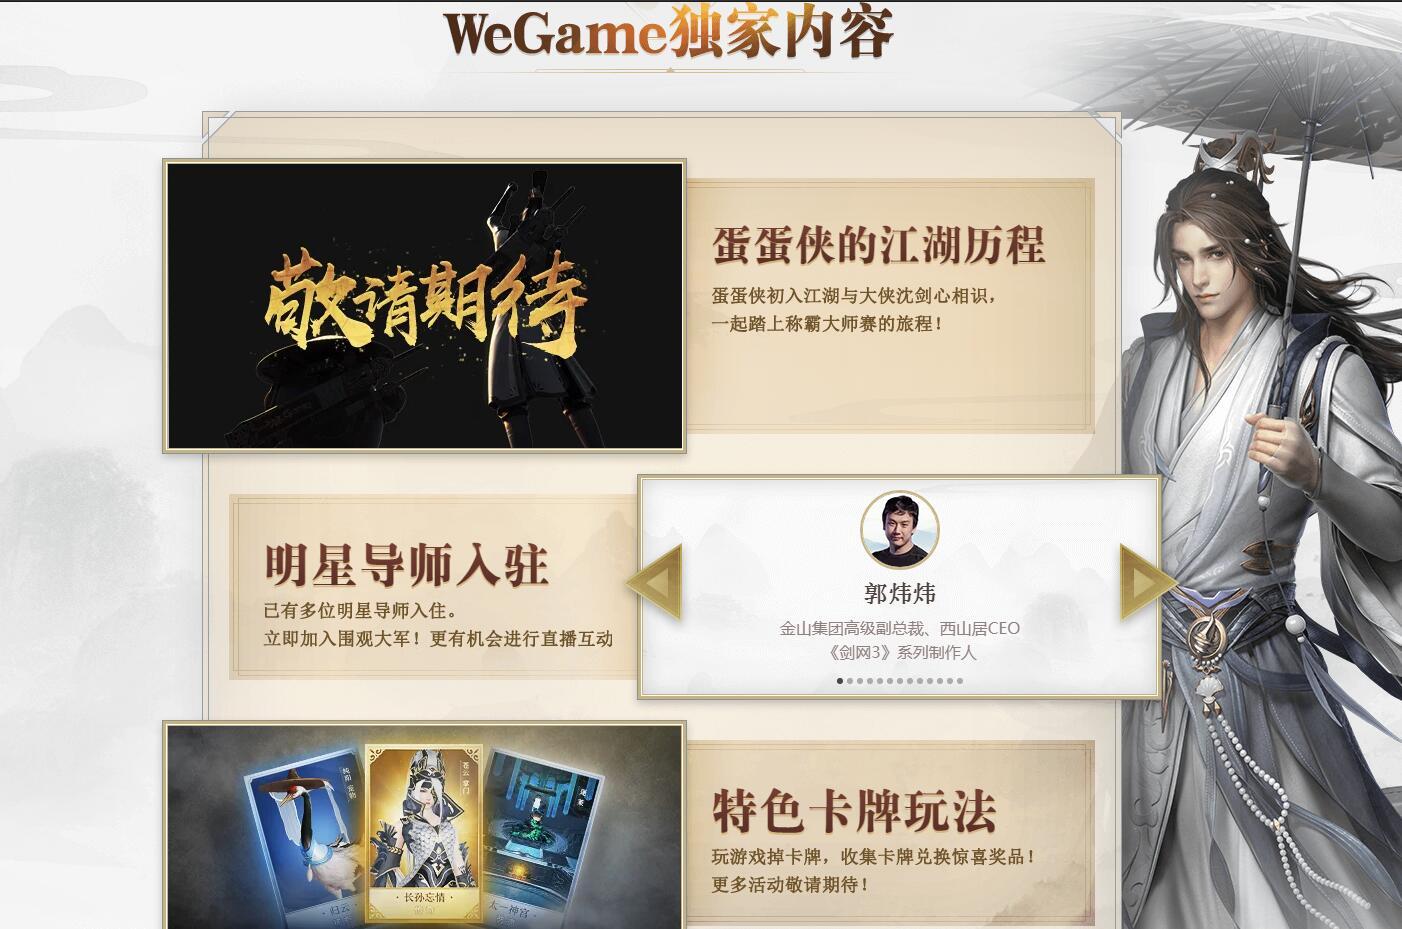 《剑网3》正式进驻WeGame!预约开启不一样的江湖